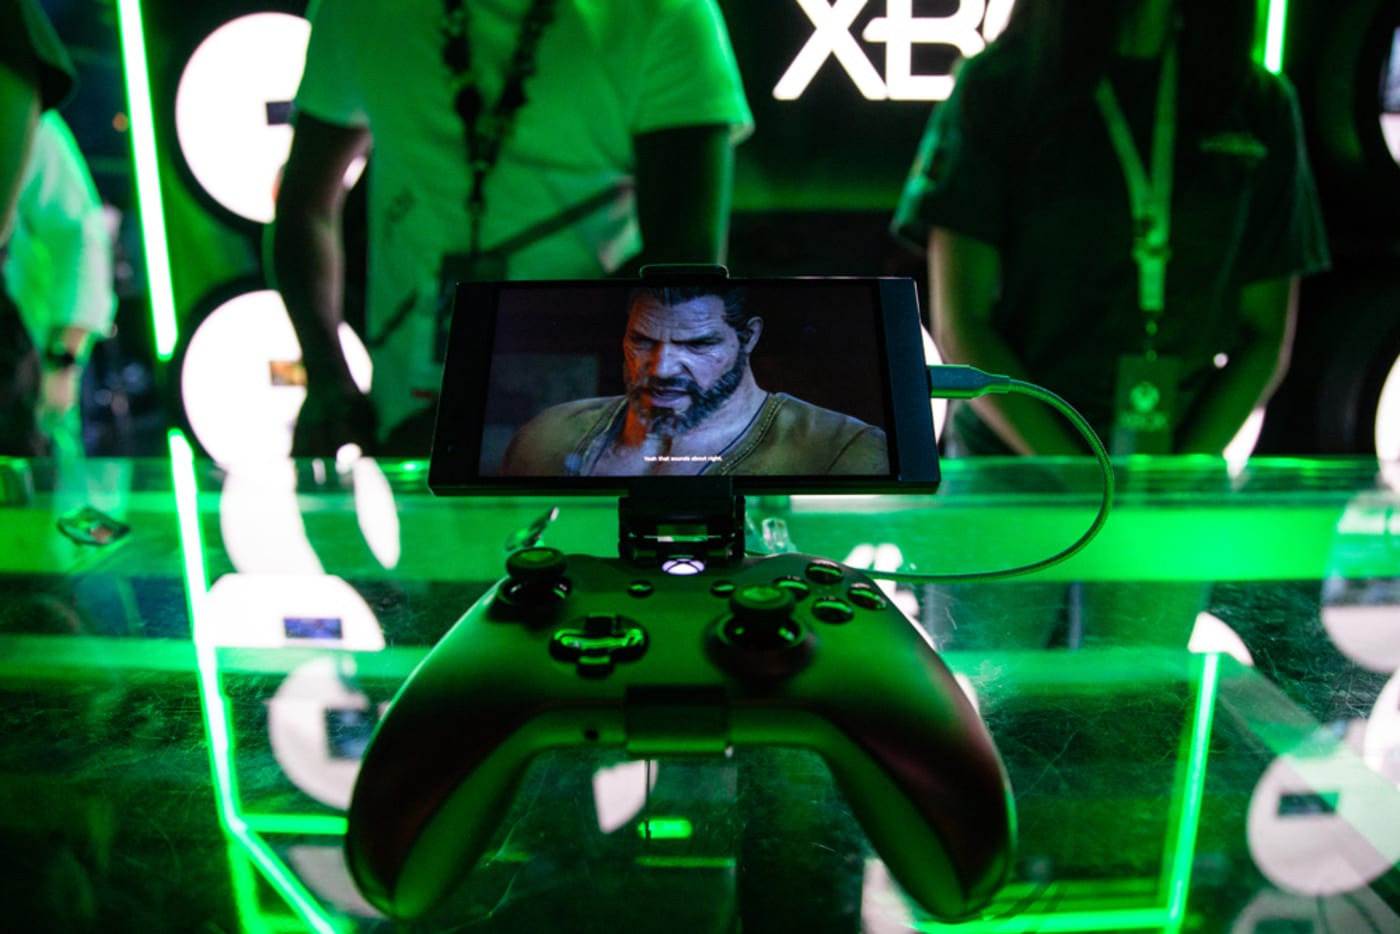 Xbox controller at E3 2019